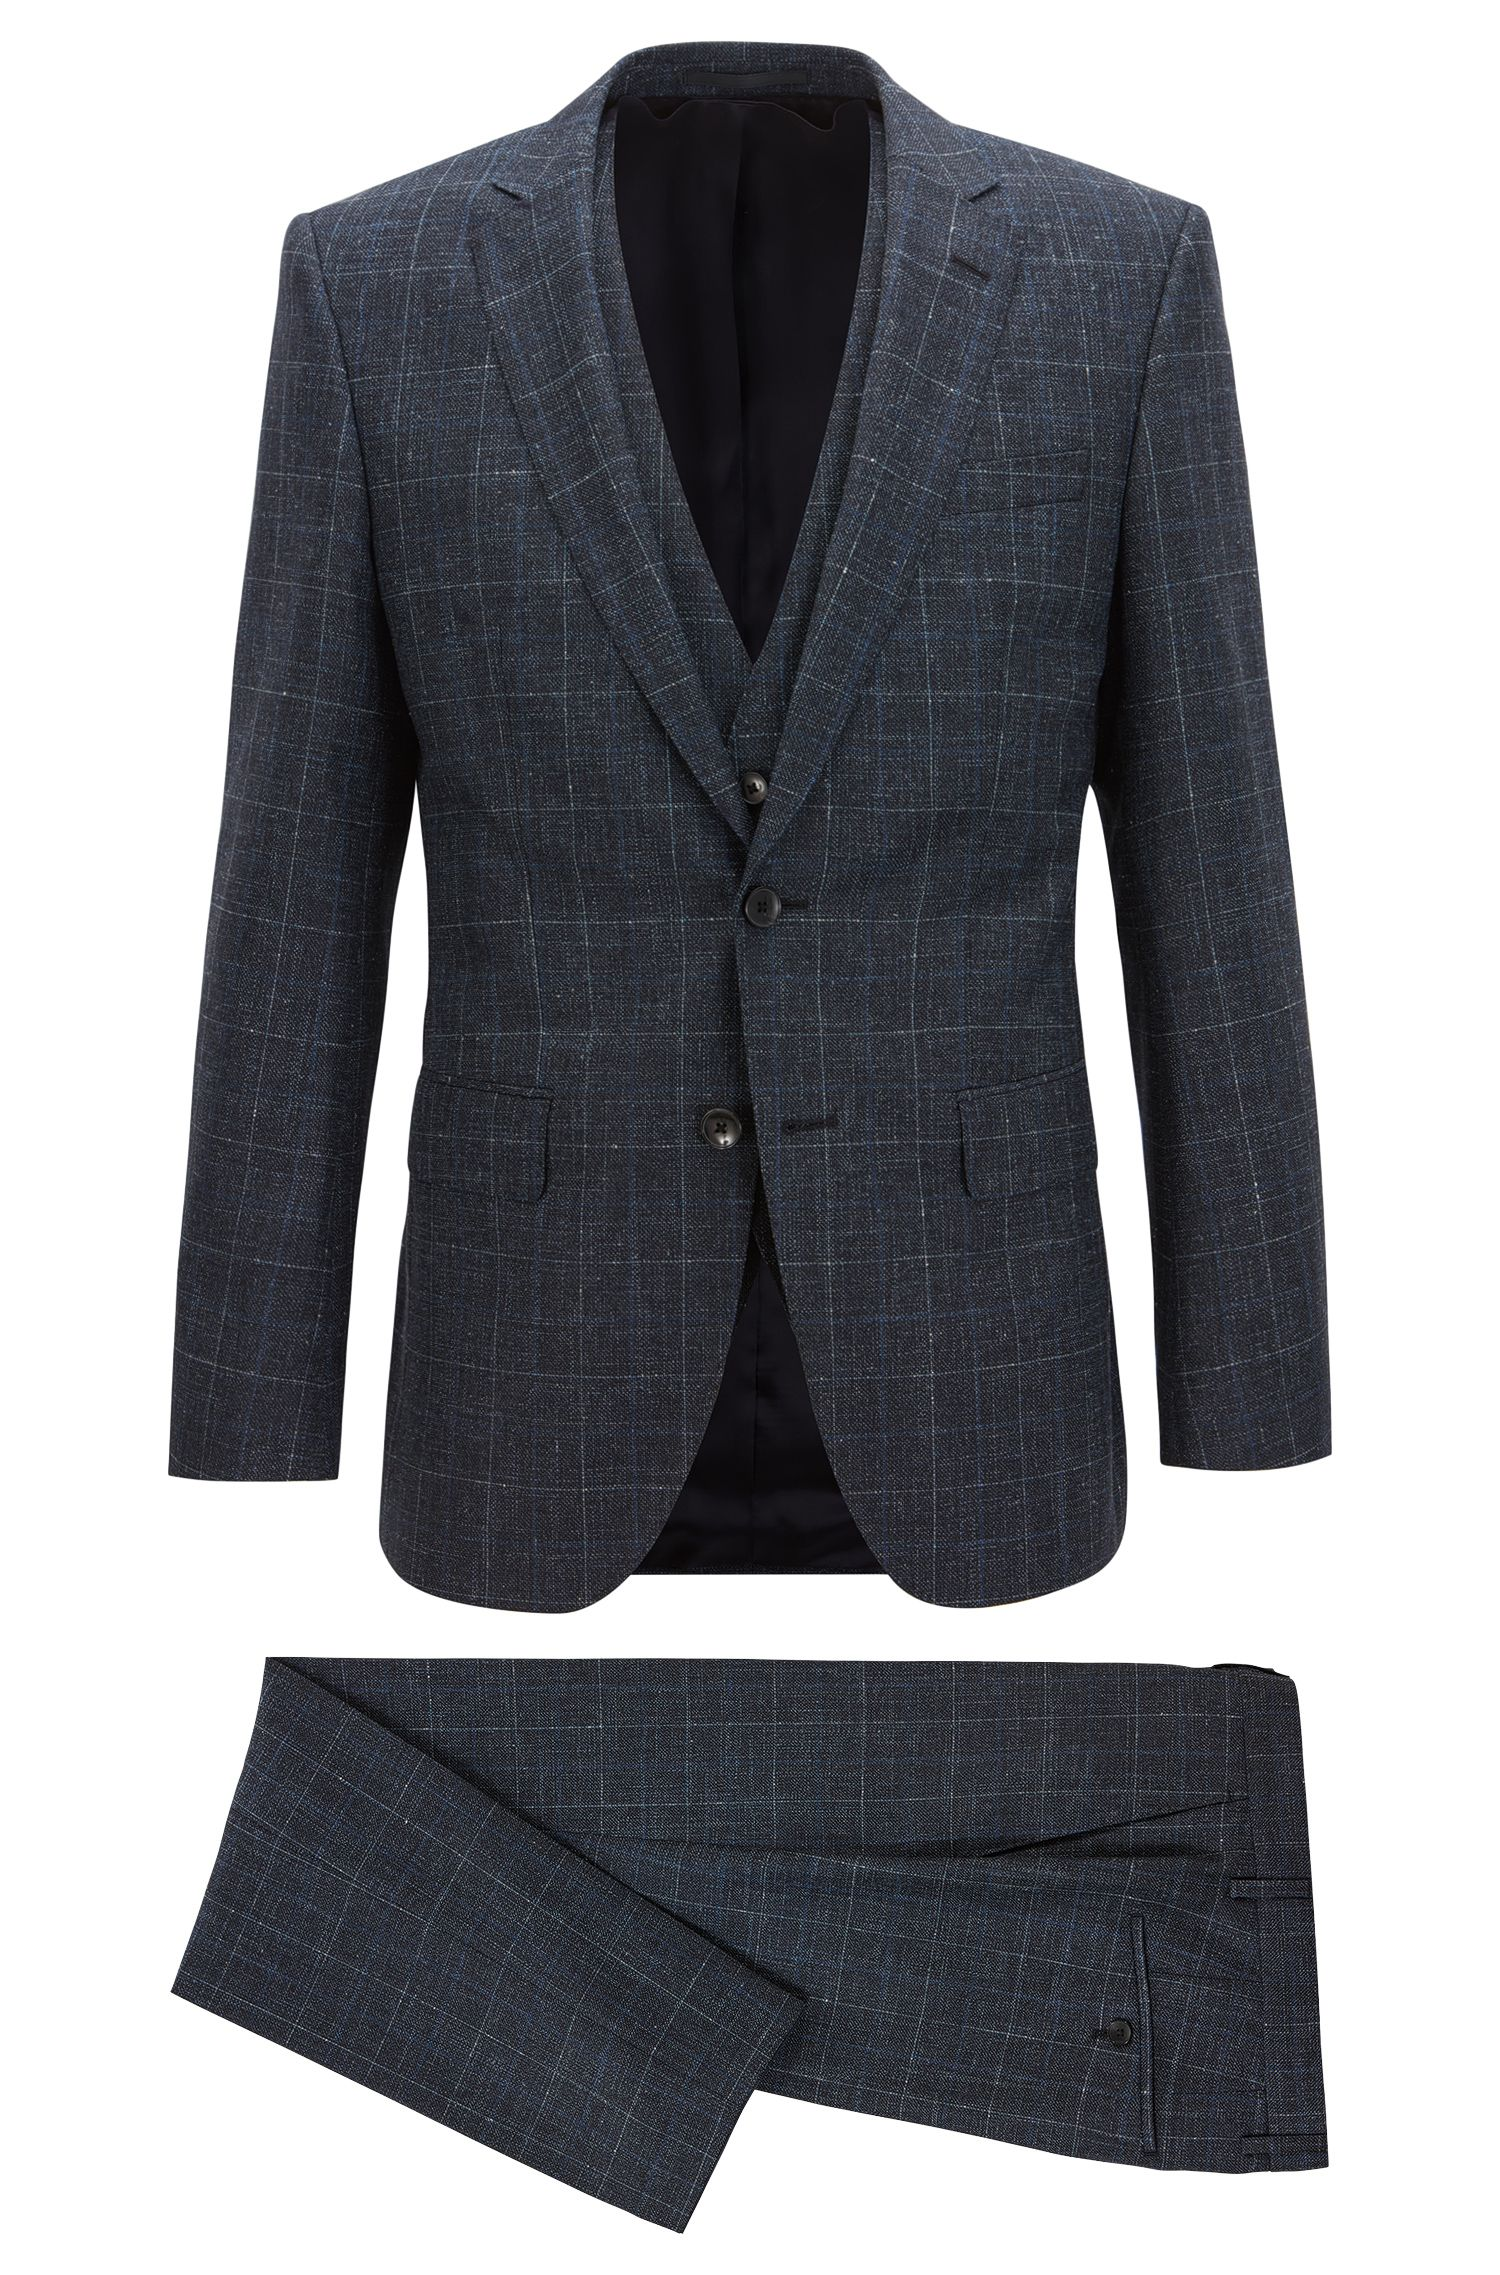 Virgin Wool Blend 3-Piece Suit, Slim Fit | Huge/Genius WE